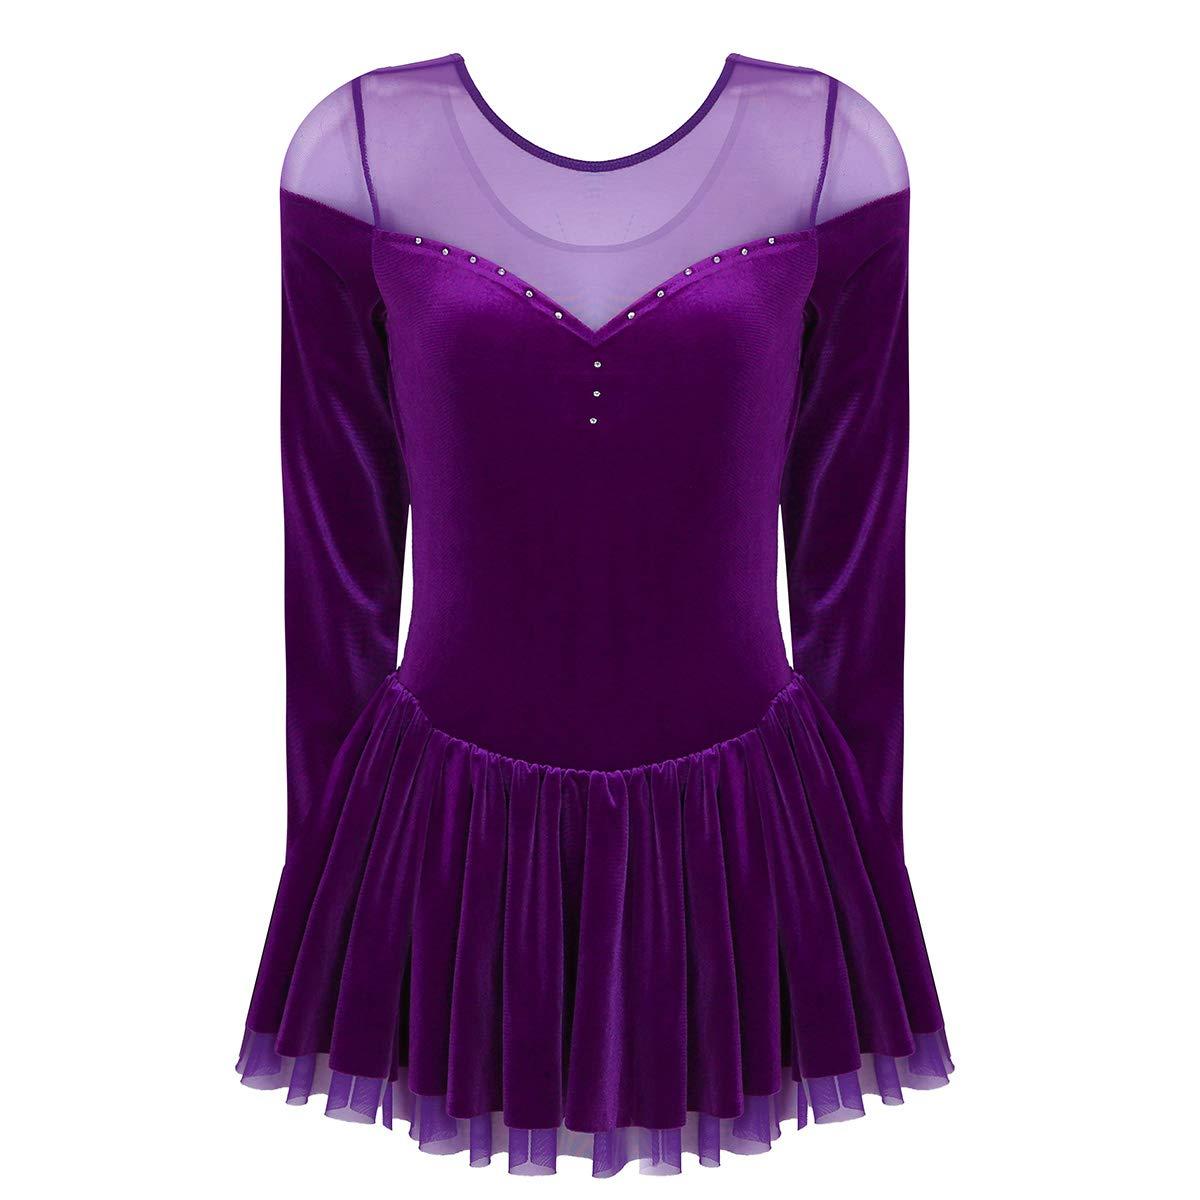 Freebily Women Figure Skating Dress Velvet Double Layer Mesh Long Sleeves Skirt Ice Skating Dress